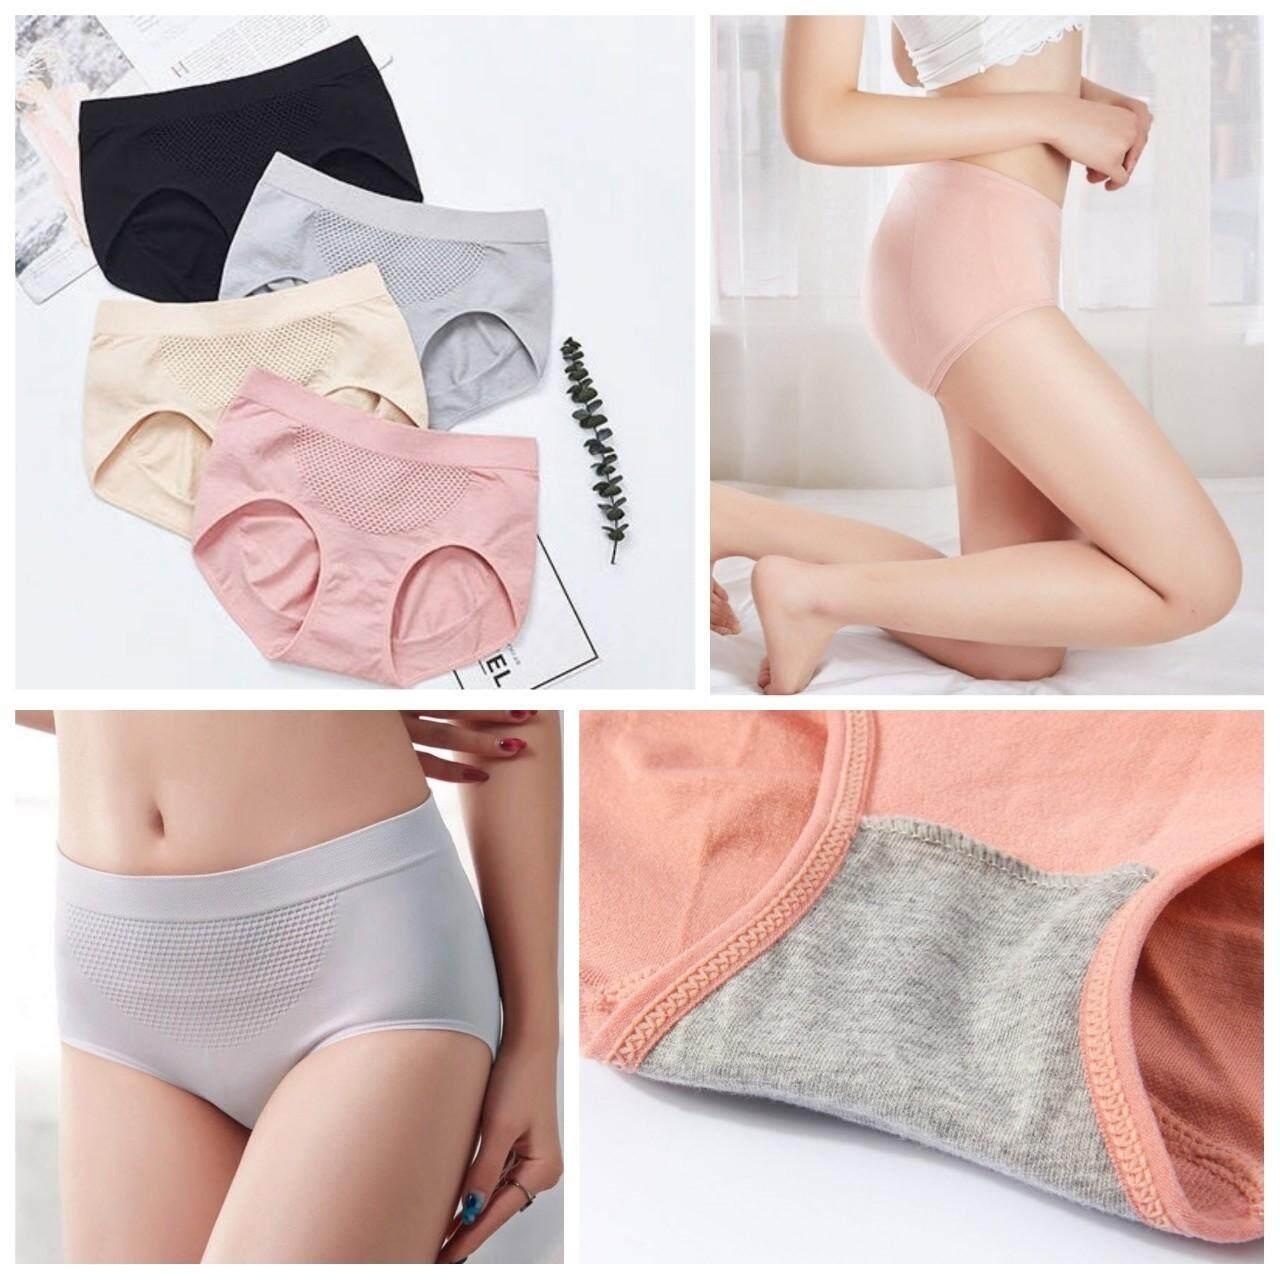 กางเกงในสตรี 3D ขาเว้า เก็บพุง กระชับก้น รังผึ้ง ผ้าทอญี่ปุ่น (ของแท้) ชั้นใน กางเกงในหญิง ใส่ซองทุกตัว